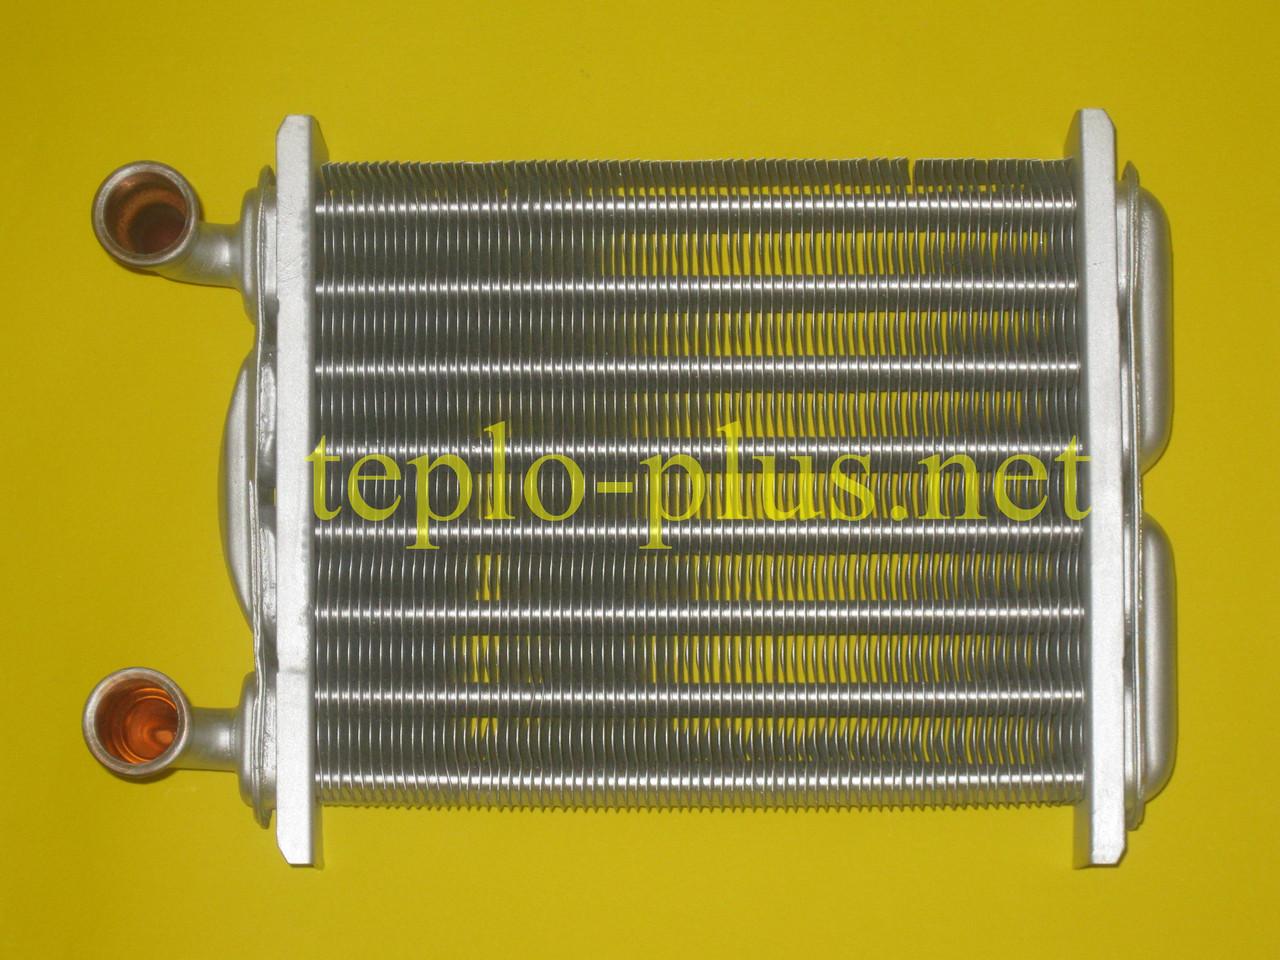 Теплообменник первичный (основной) BI1562103 Biasi Rinnova M290.24CM/M, M290.24CV/M, Inovia M290.24CM/T